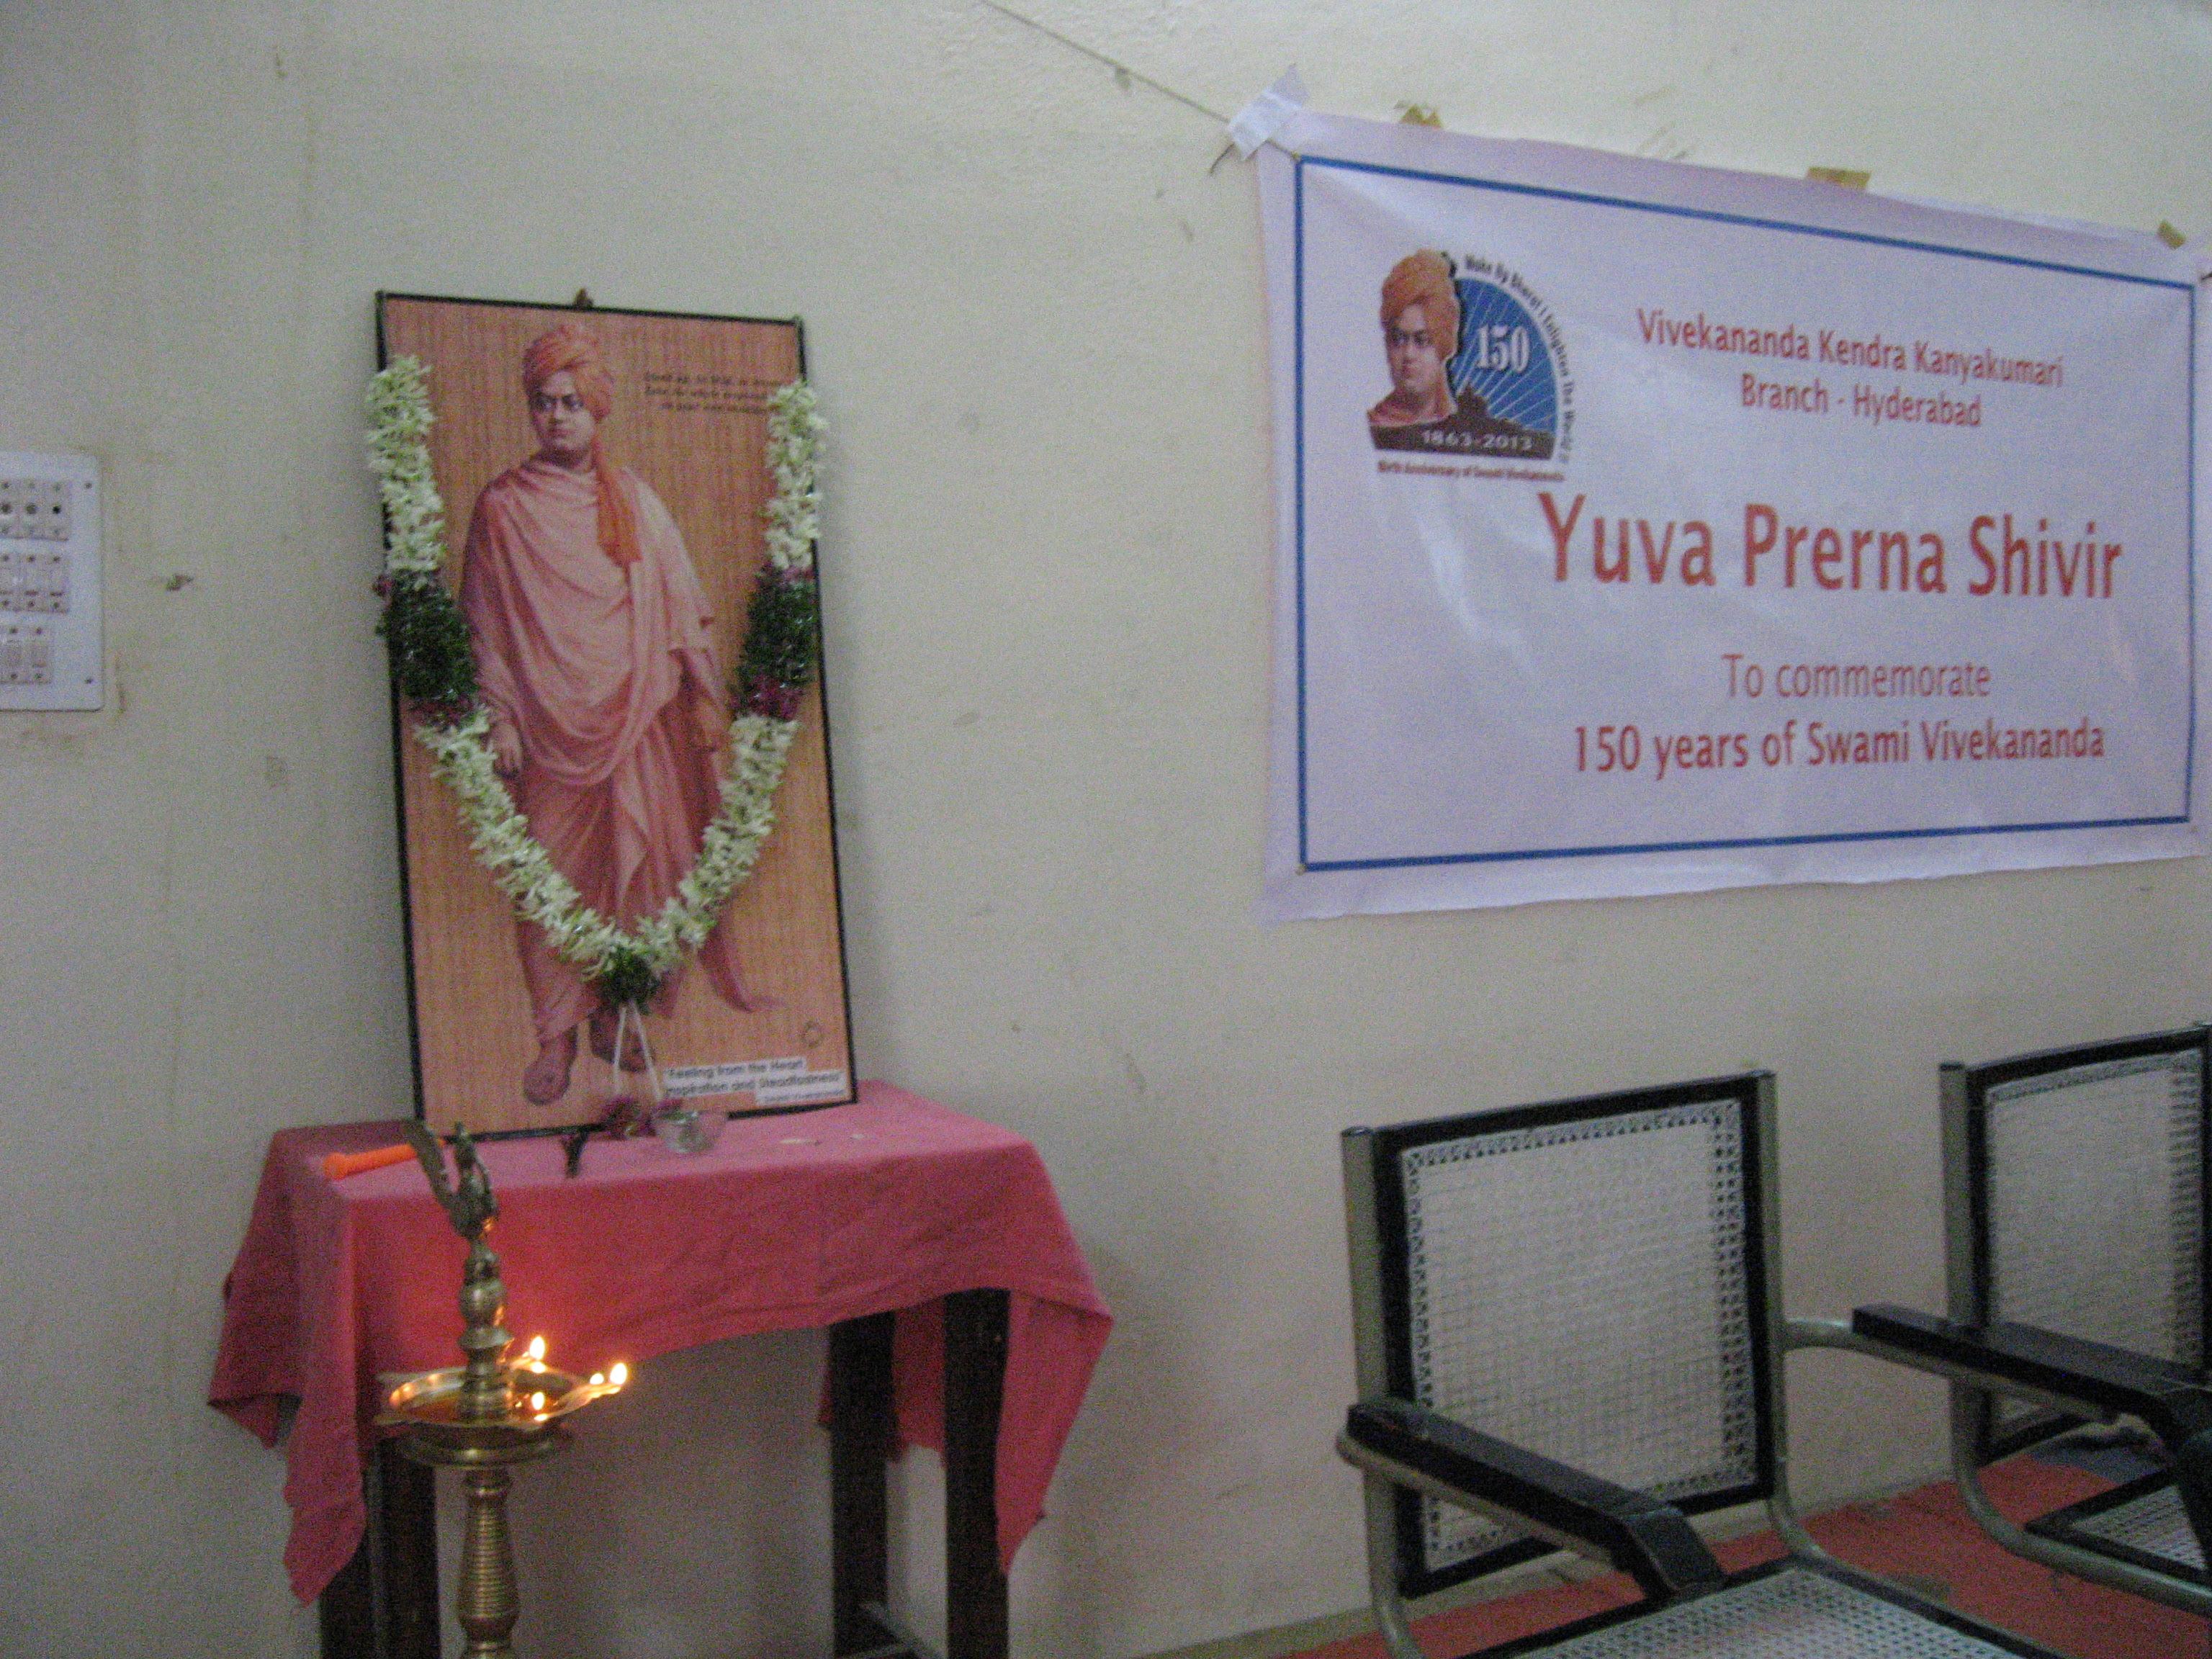 Yuva Prerna Shivir